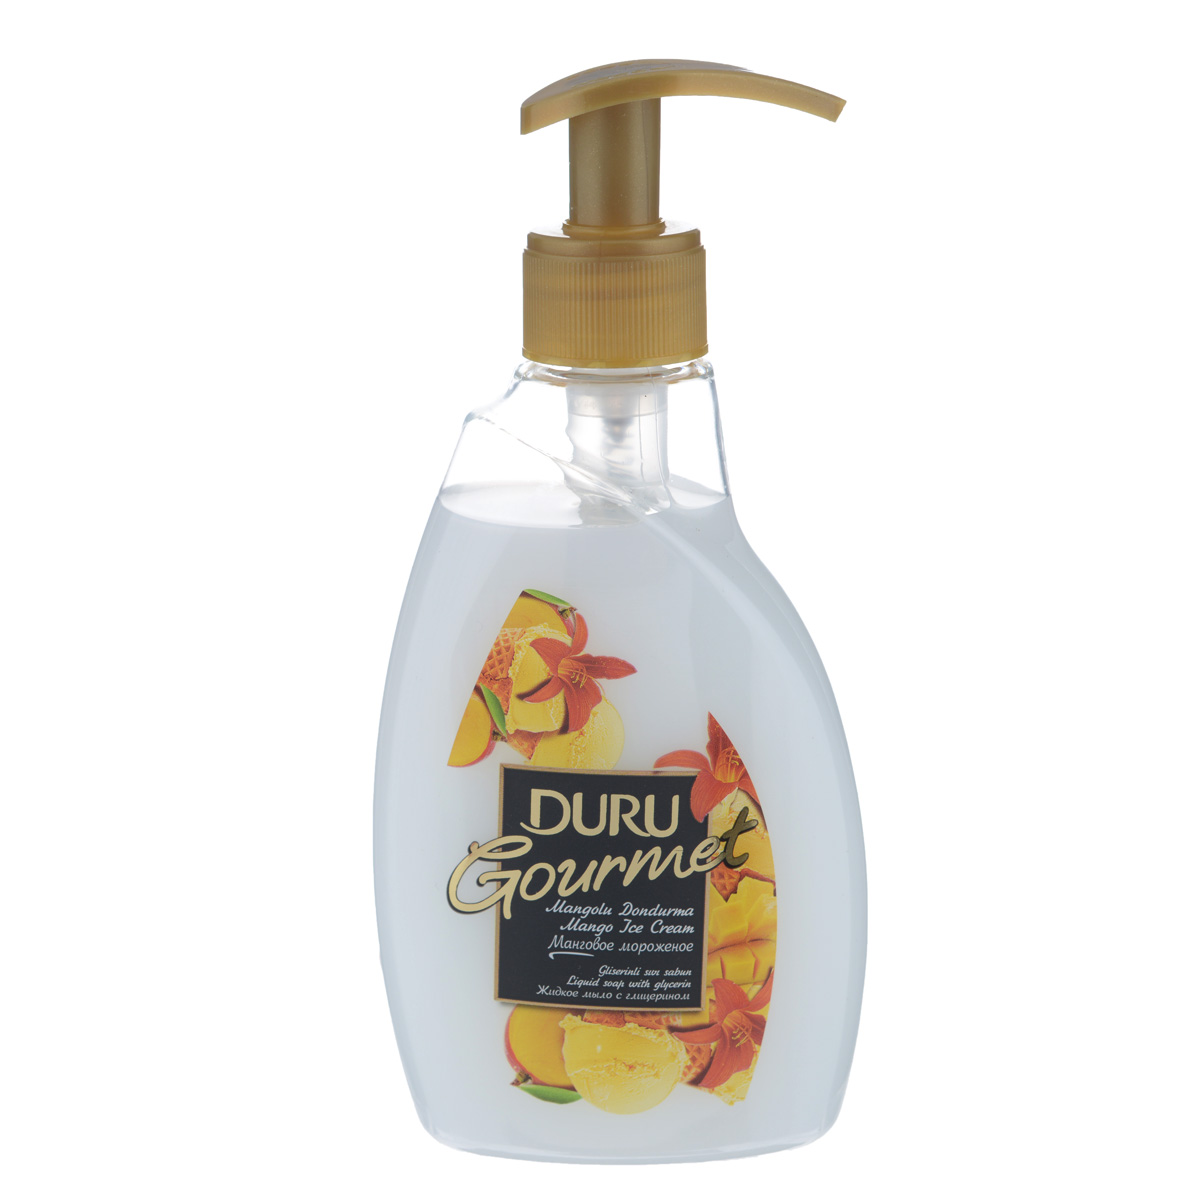 Duru GOURMET Мыло жидкое Манговое мороженое 300мл26102025Современное средство гигиены и ухода за кожей с увлажняющим действием глицерина. Отличается приятным фруктовым ароматом и нежной текстурой.